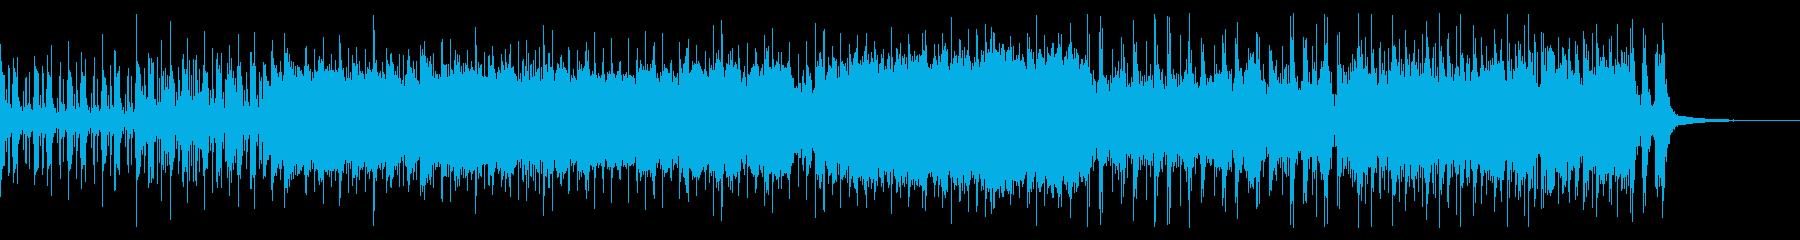 緊迫感のあるジャズ・ファンク【昭和風】の再生済みの波形